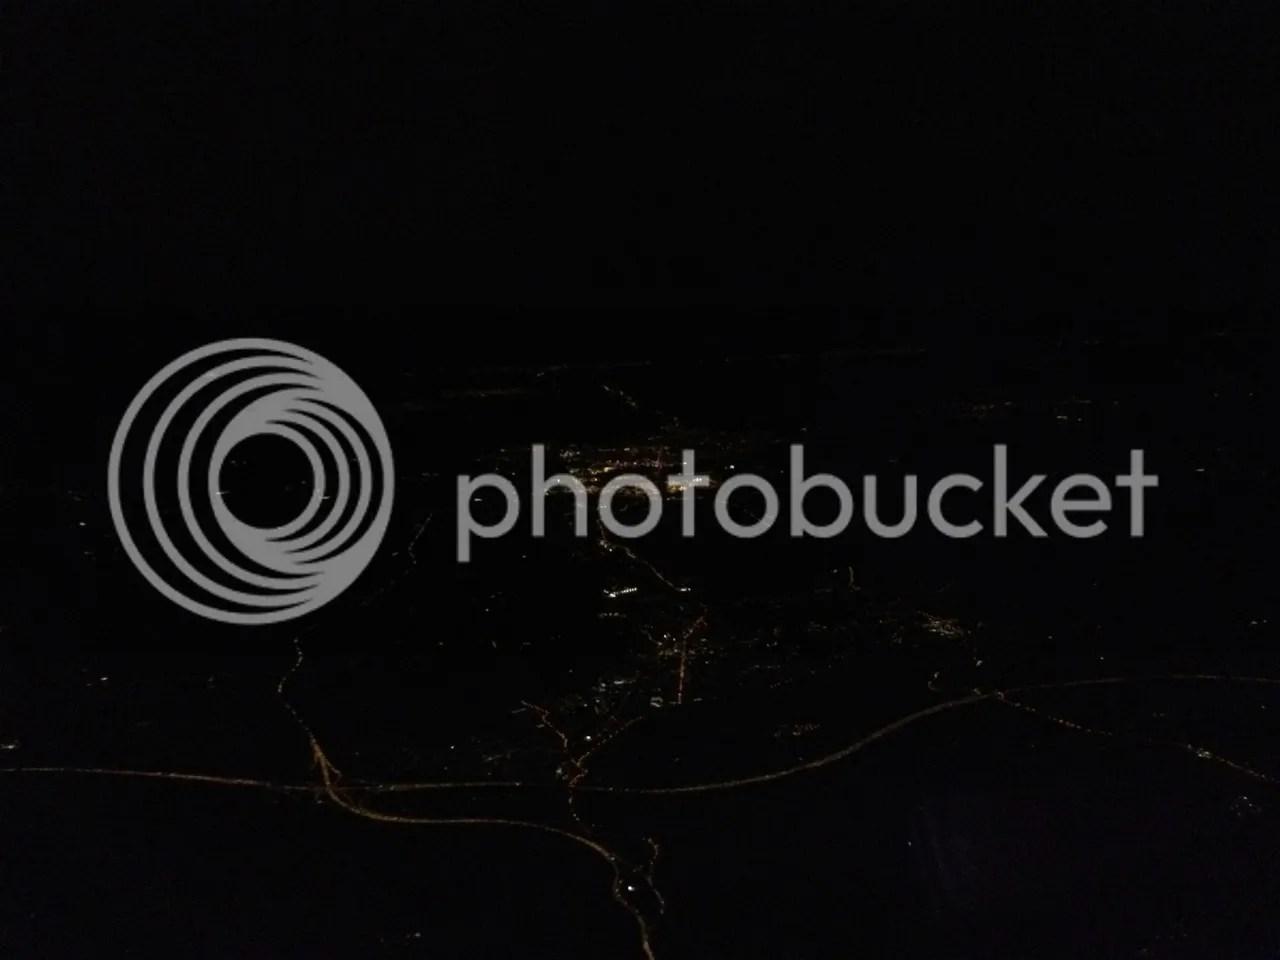 https://i0.wp.com/i181.photobucket.com/albums/x35/jwhite9185/New%20York/file_zps3a53caf9.jpg